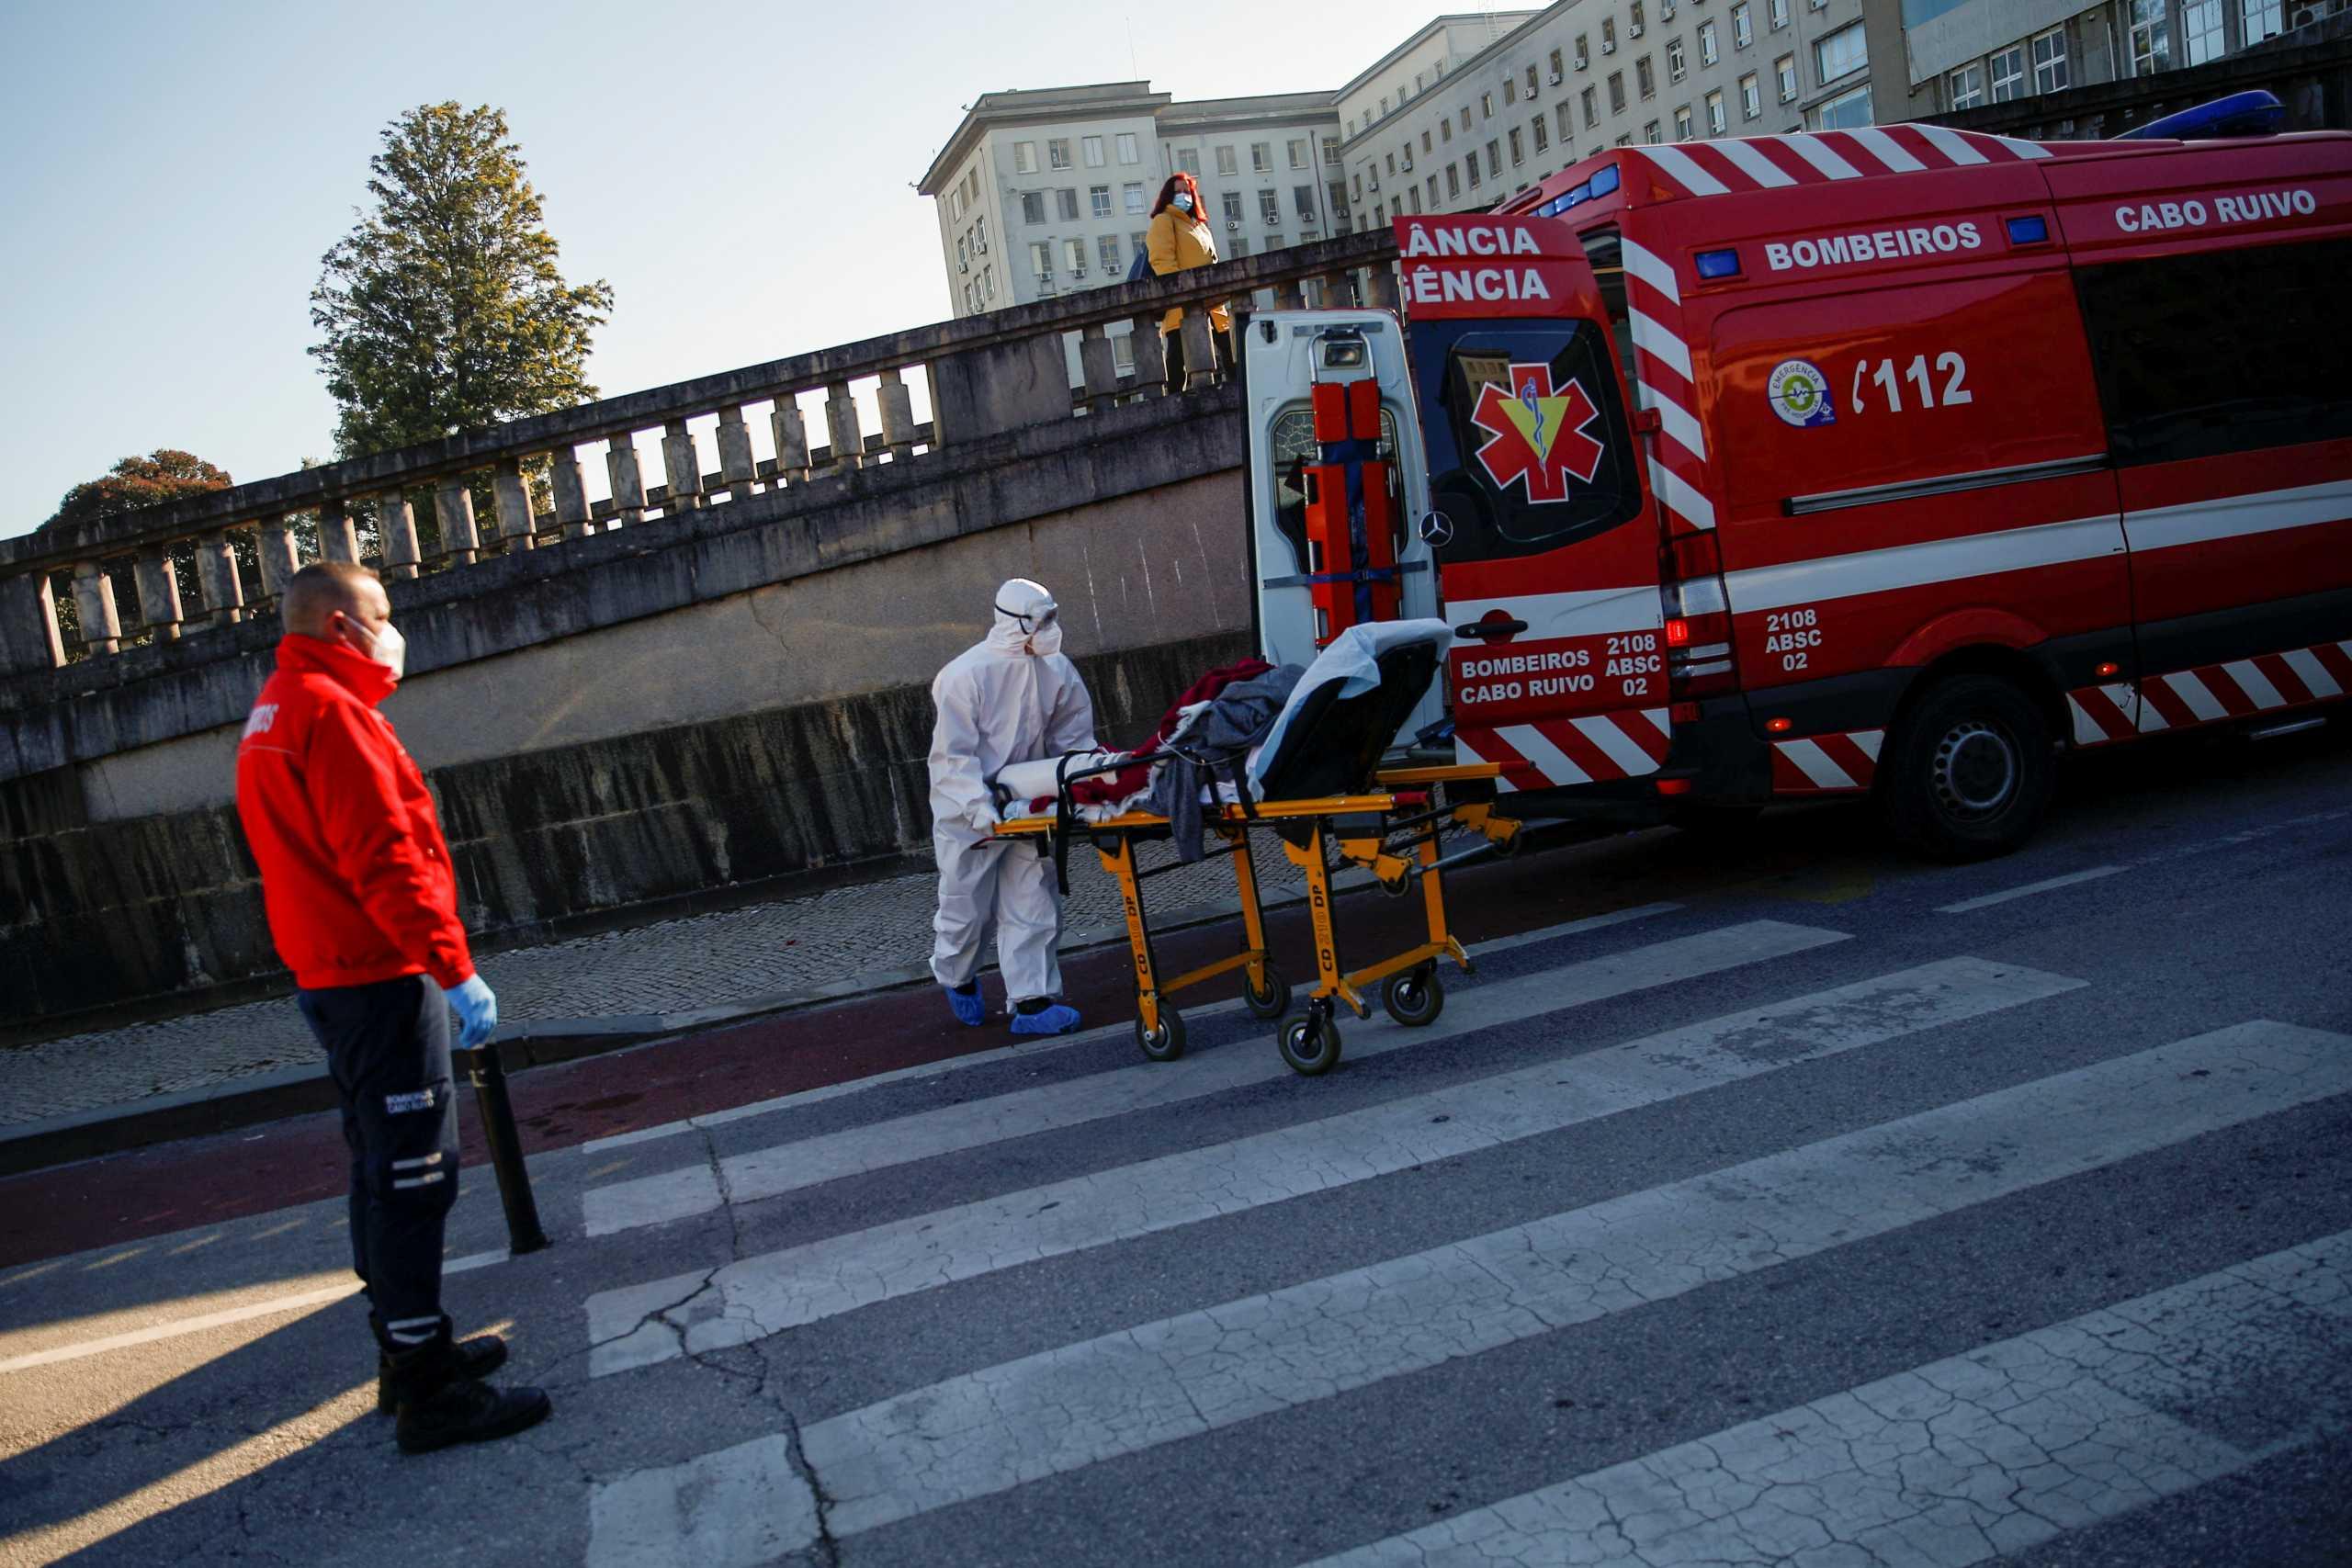 Κορονοϊός: «Έσπασε το φράγμα» των 800.000 κρουσμάτων στην Πορτογαλία